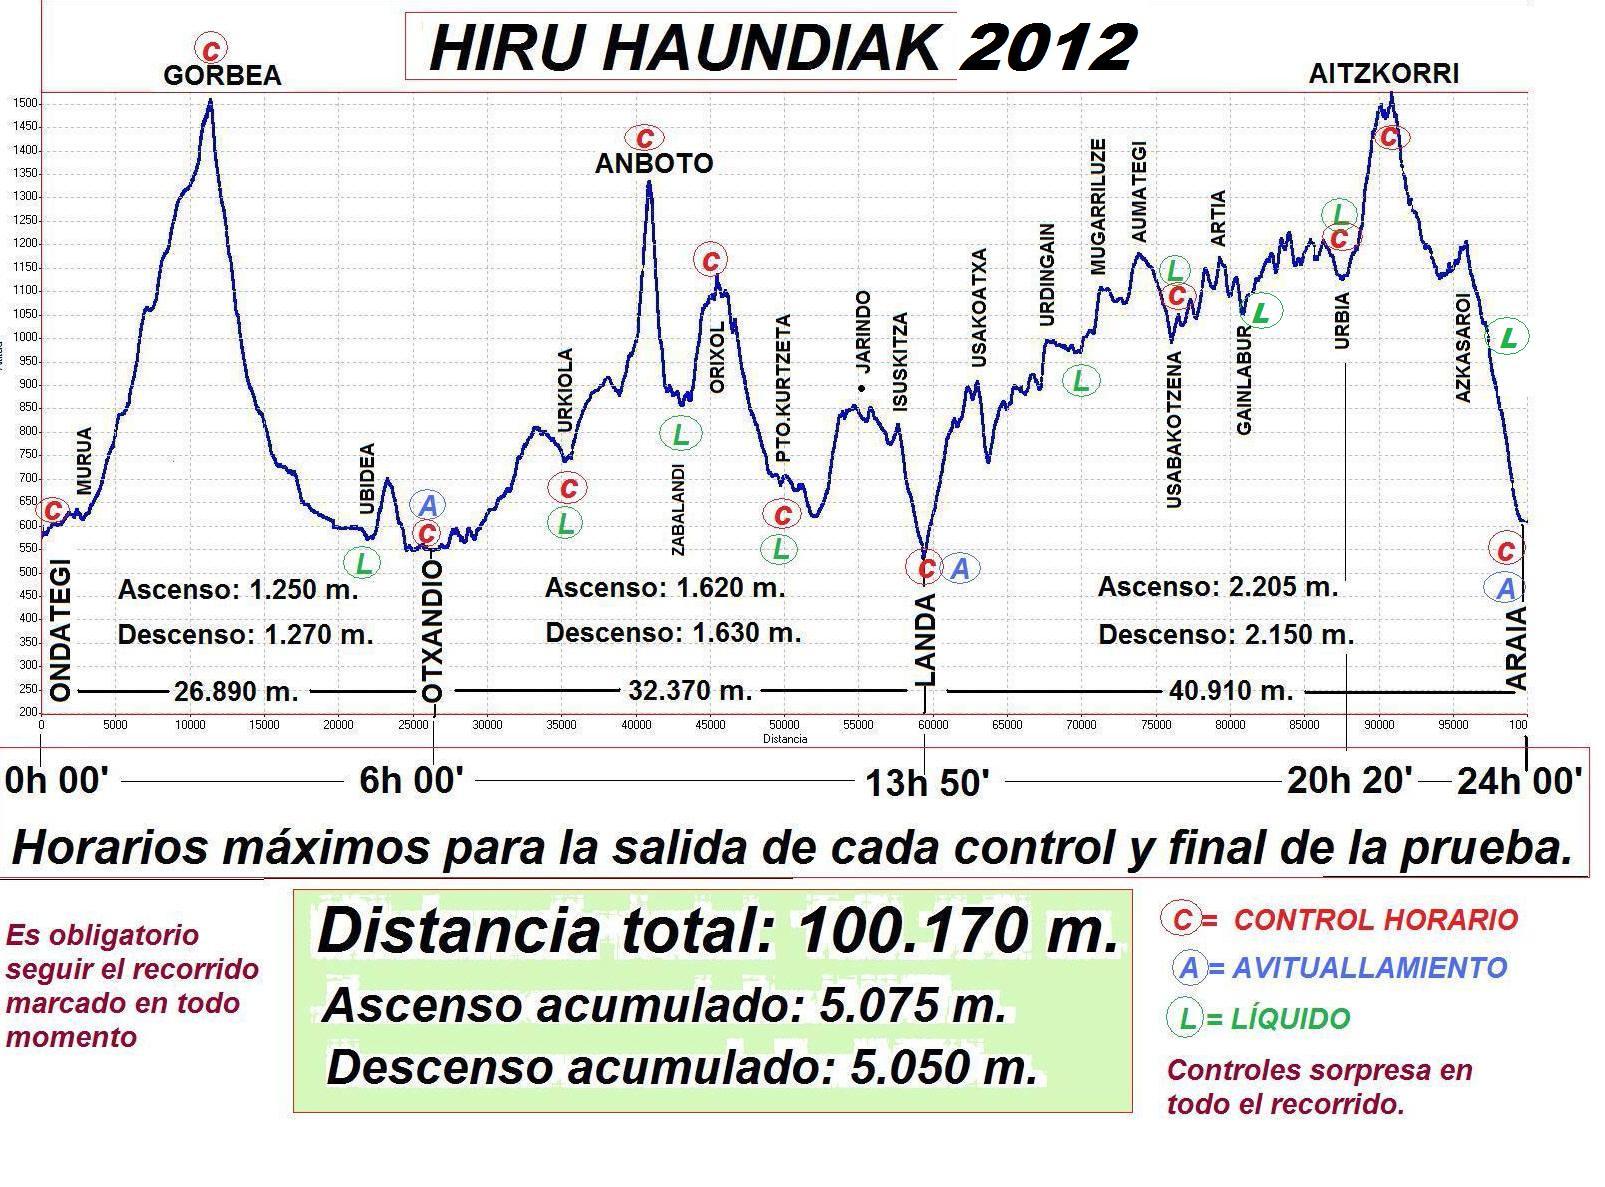 Hiru Haundiak 2012